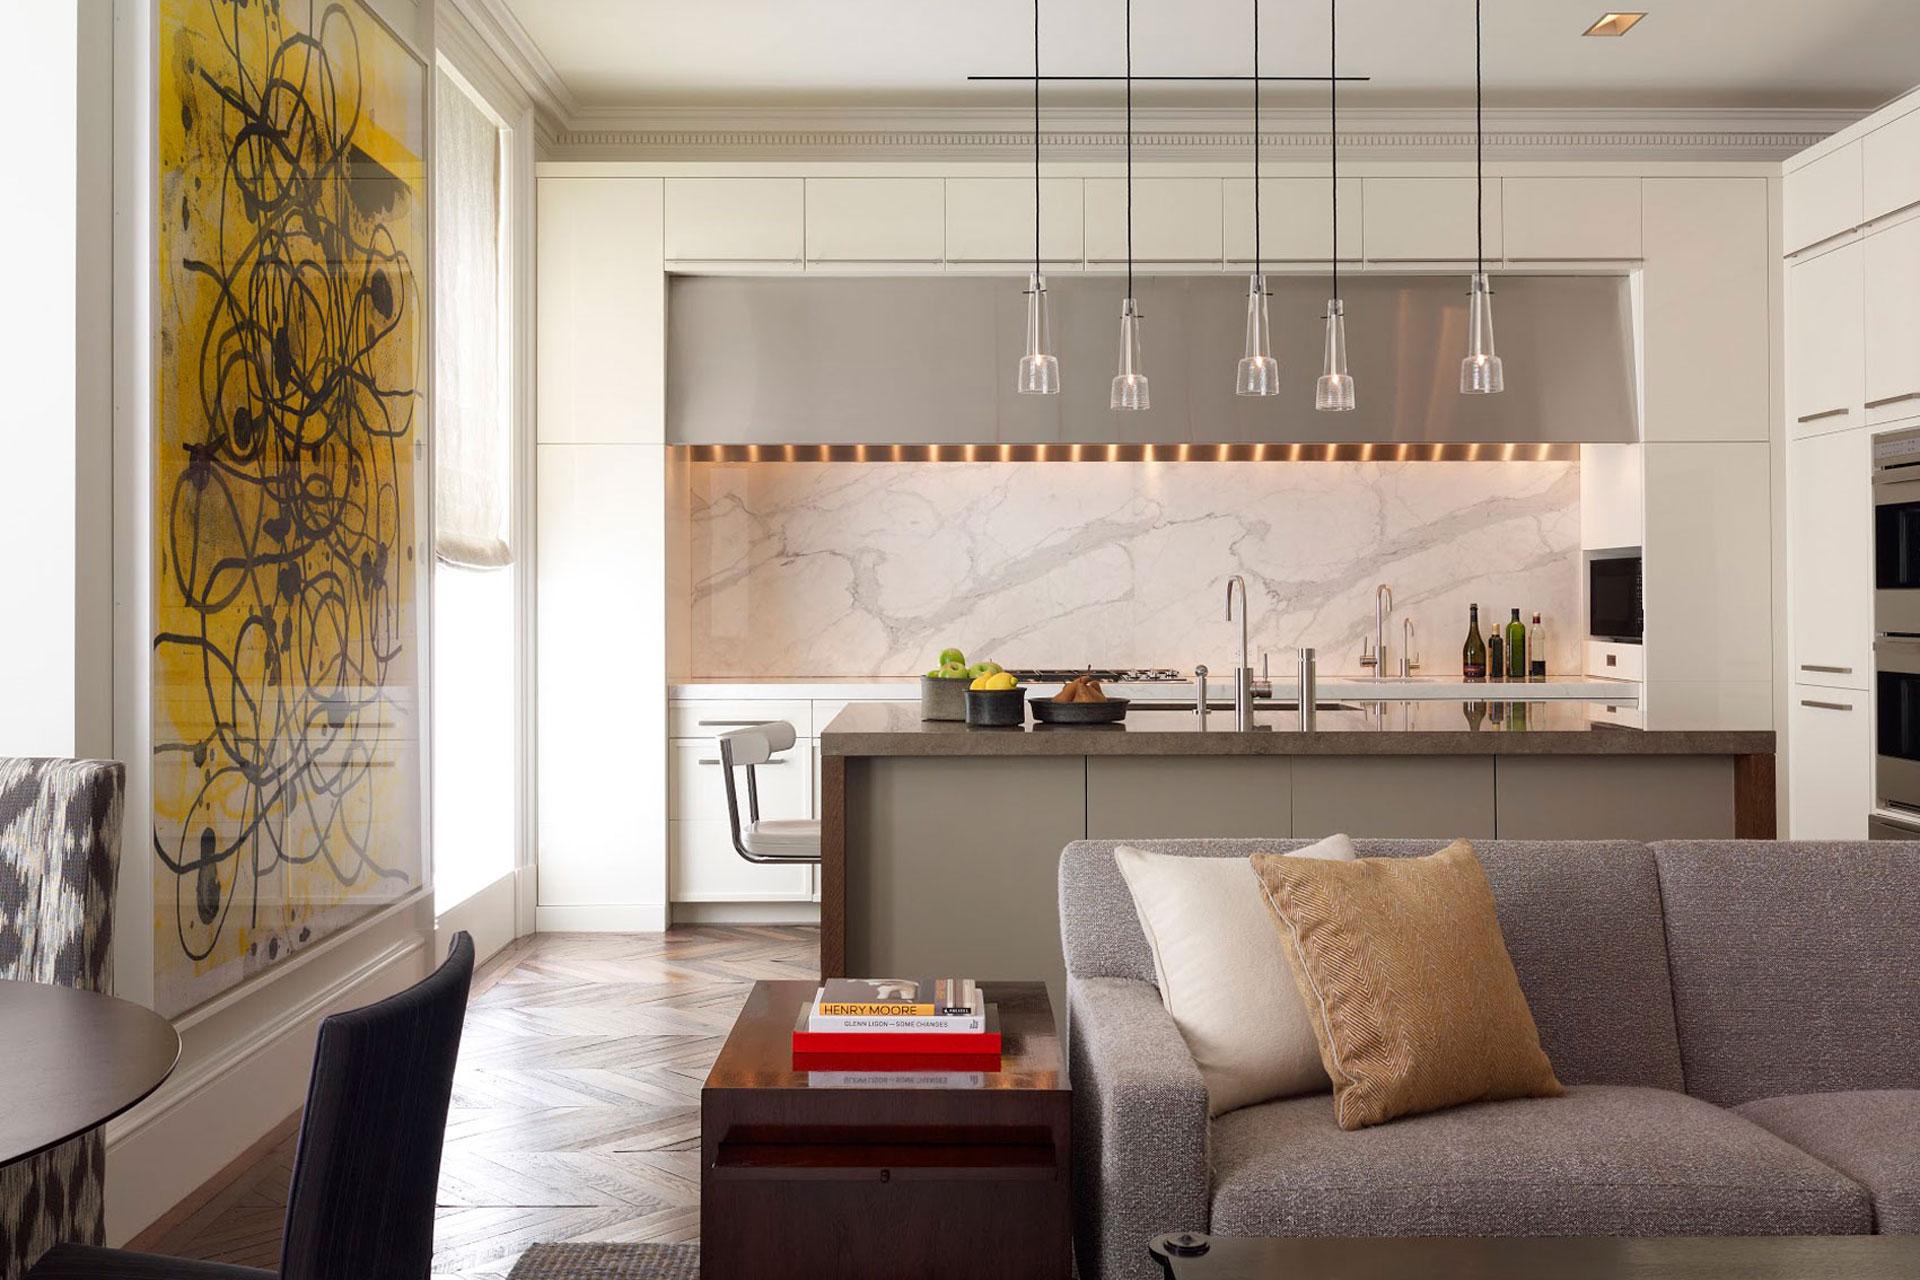 City Condominium Contemporary Kitchen Design